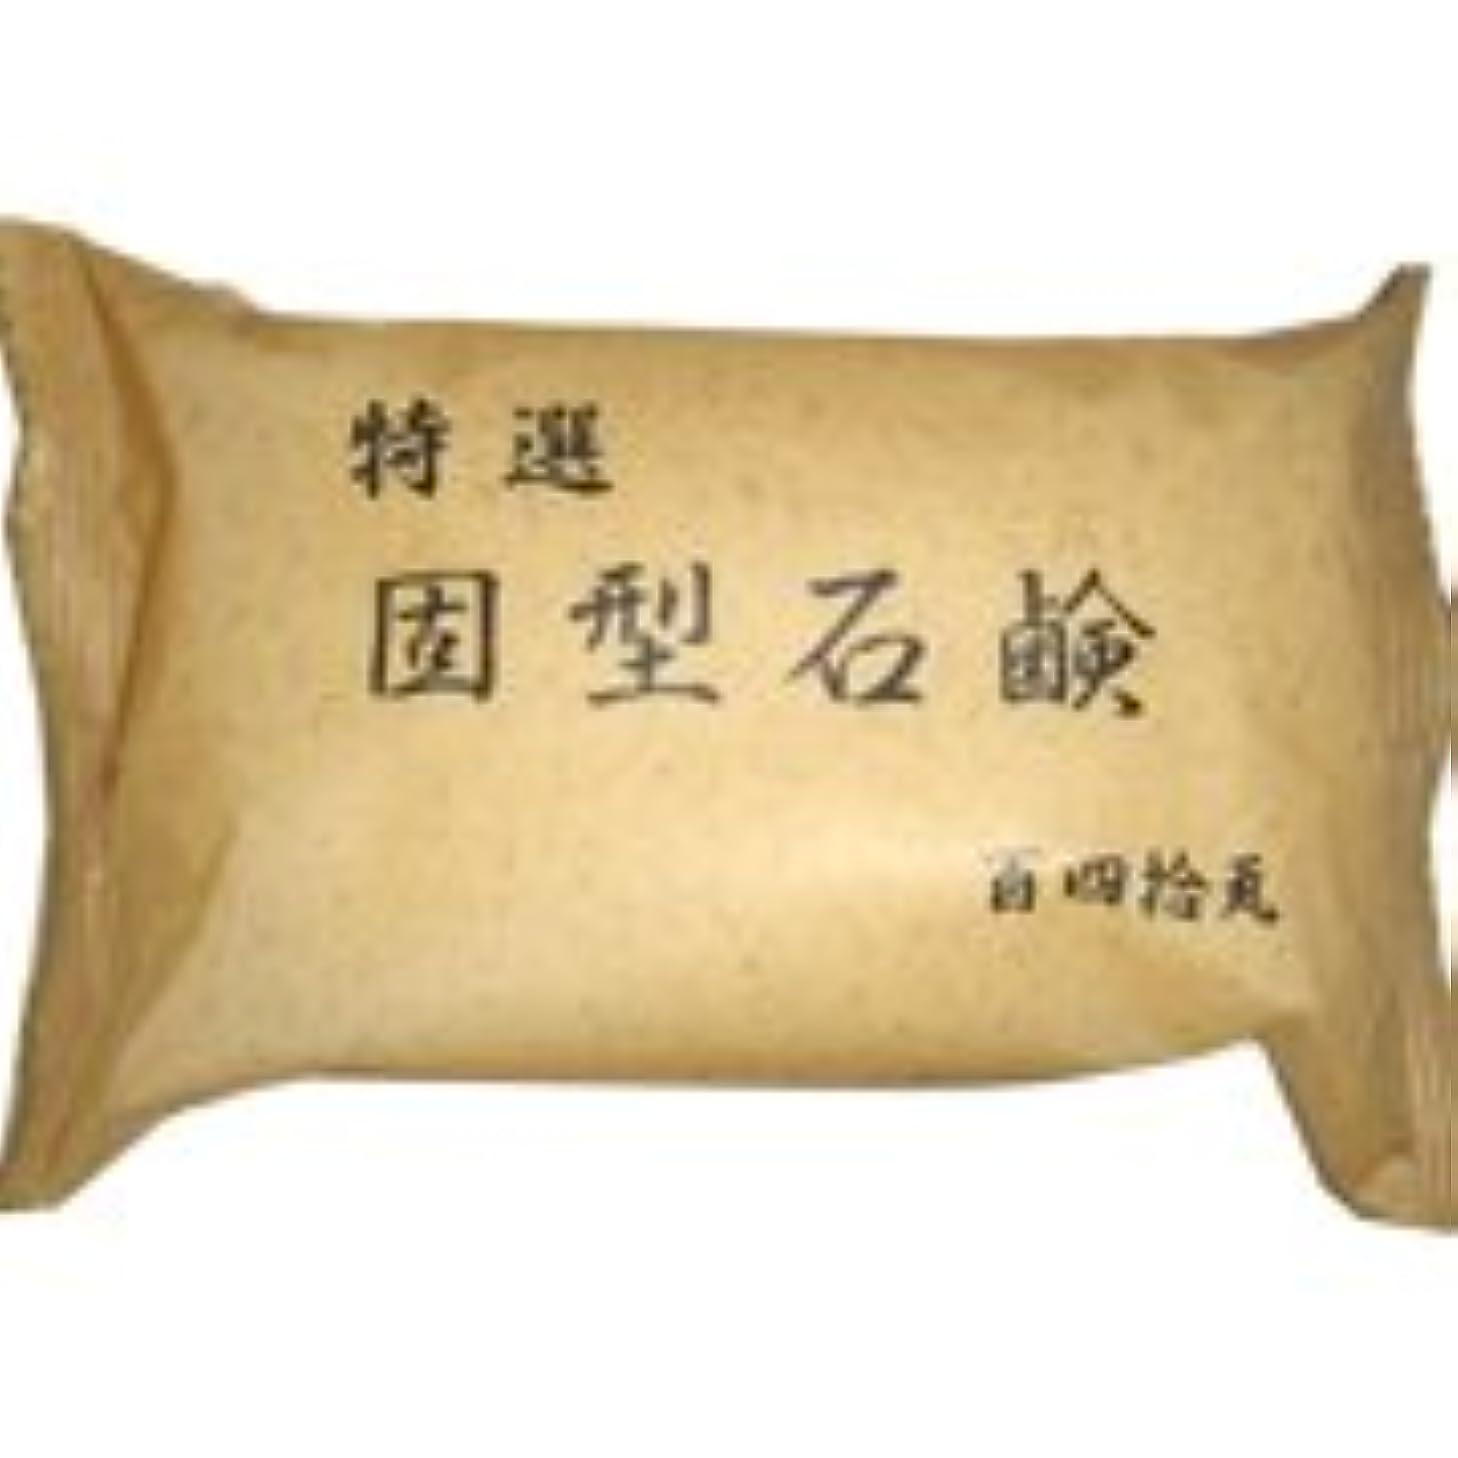 スカウトスポンジビルマ特選 固型石鹸 140g    エスケー石鹸